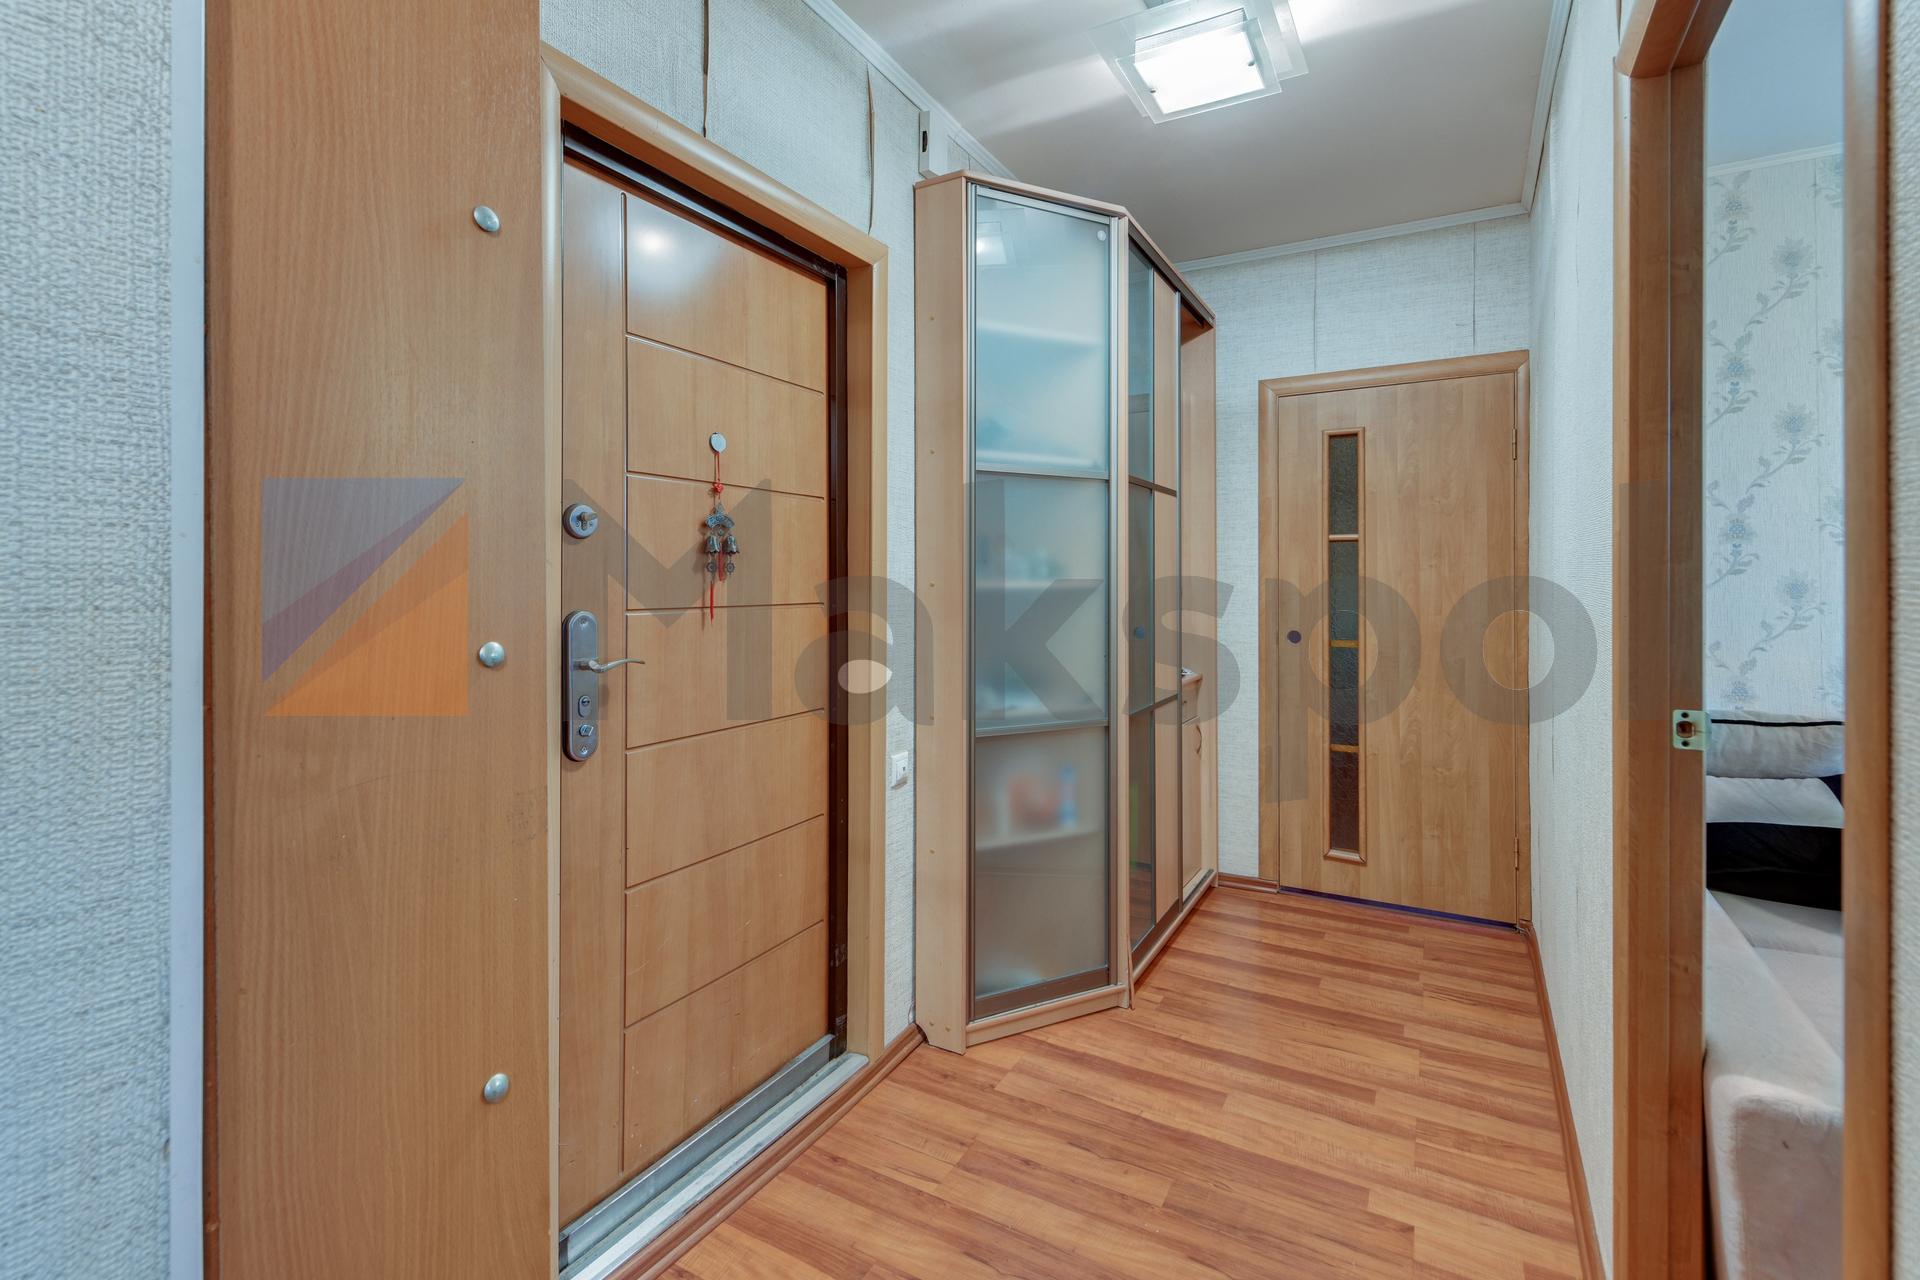 складской комплекс арендный бизне 2